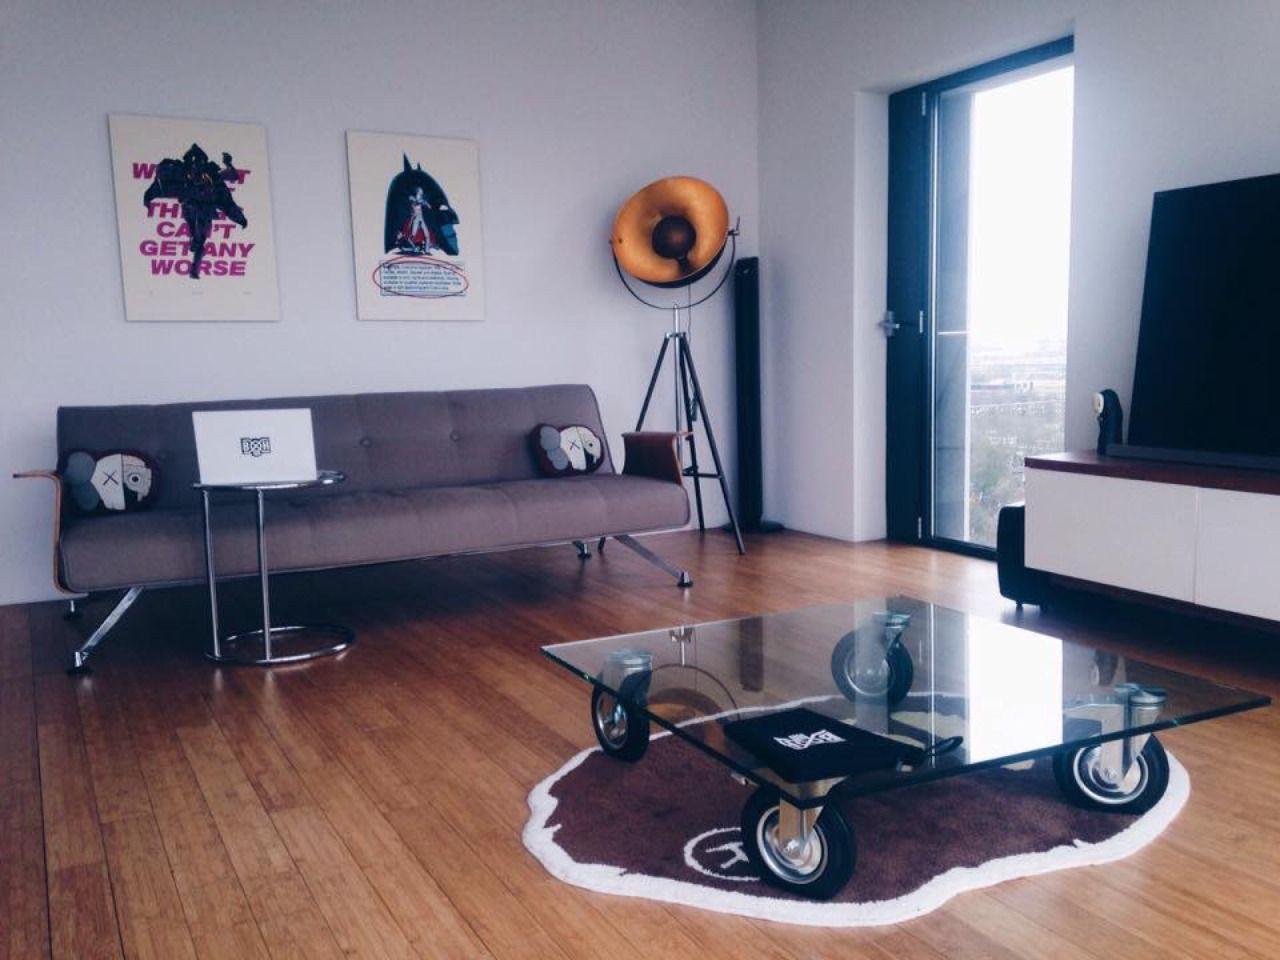 HYPEBEAST : Photo | Hypebeast room, Living room setup, Room